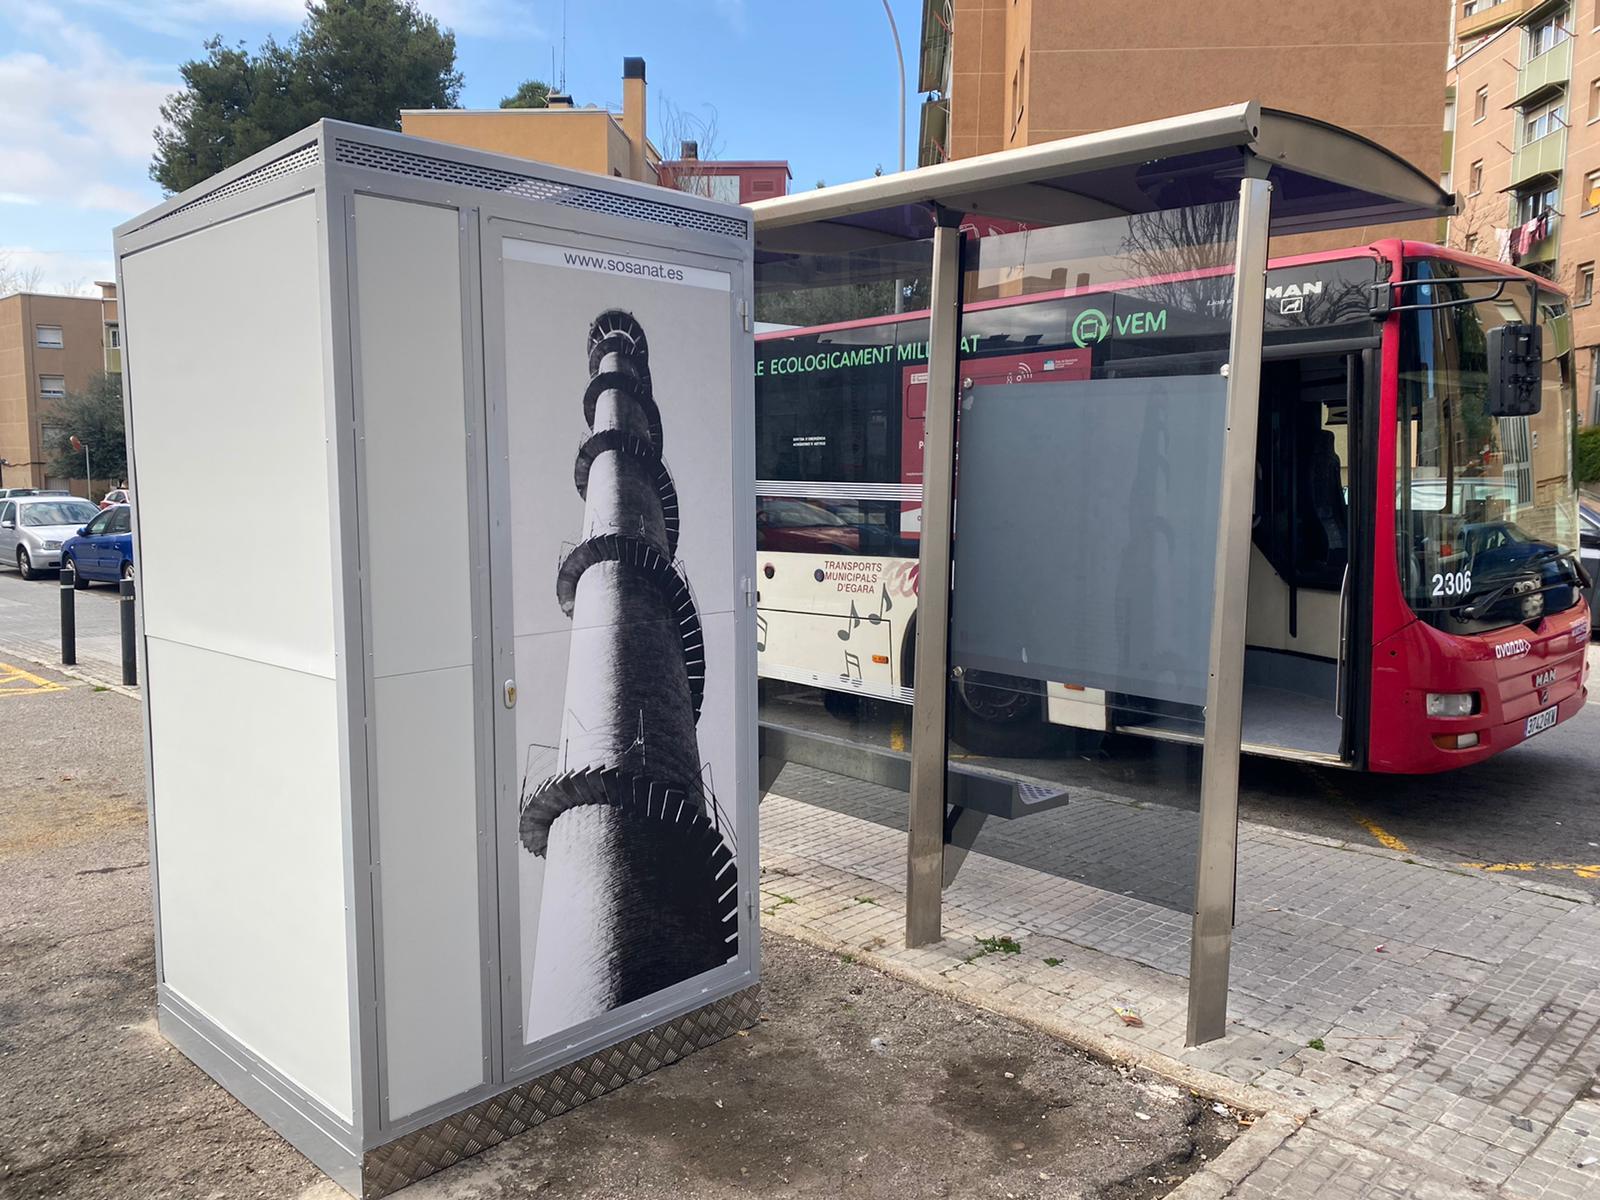 Baño portátil city bus sosanat